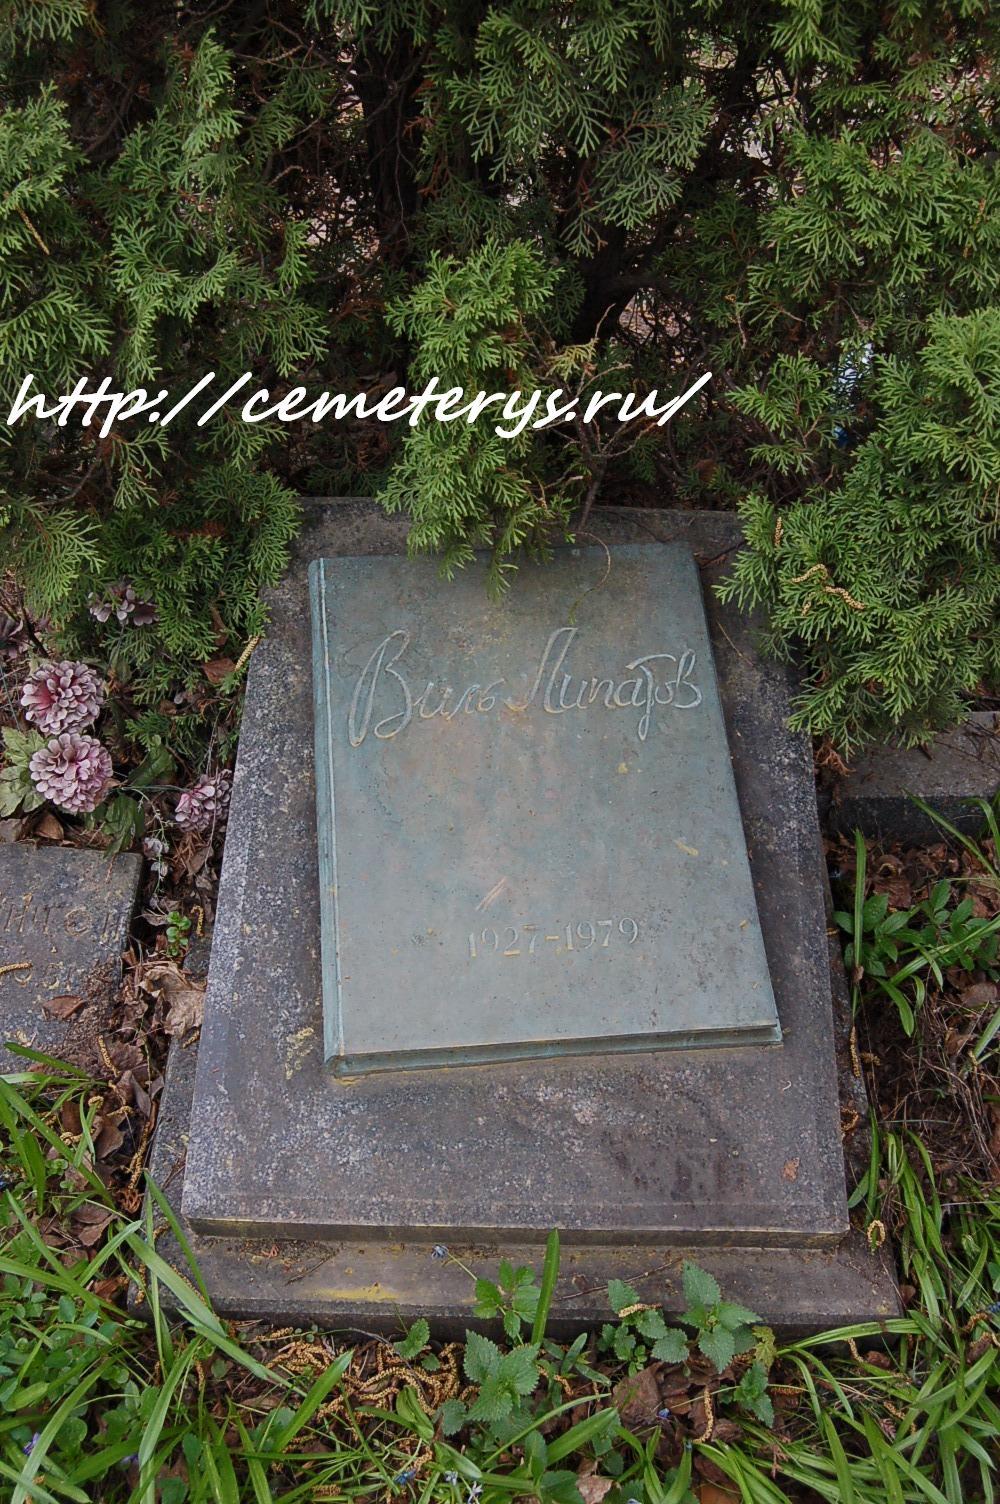 могила Виля Липатова на Кунцевском кладбище в Москве  (фото Дмитрия Кондратьева)